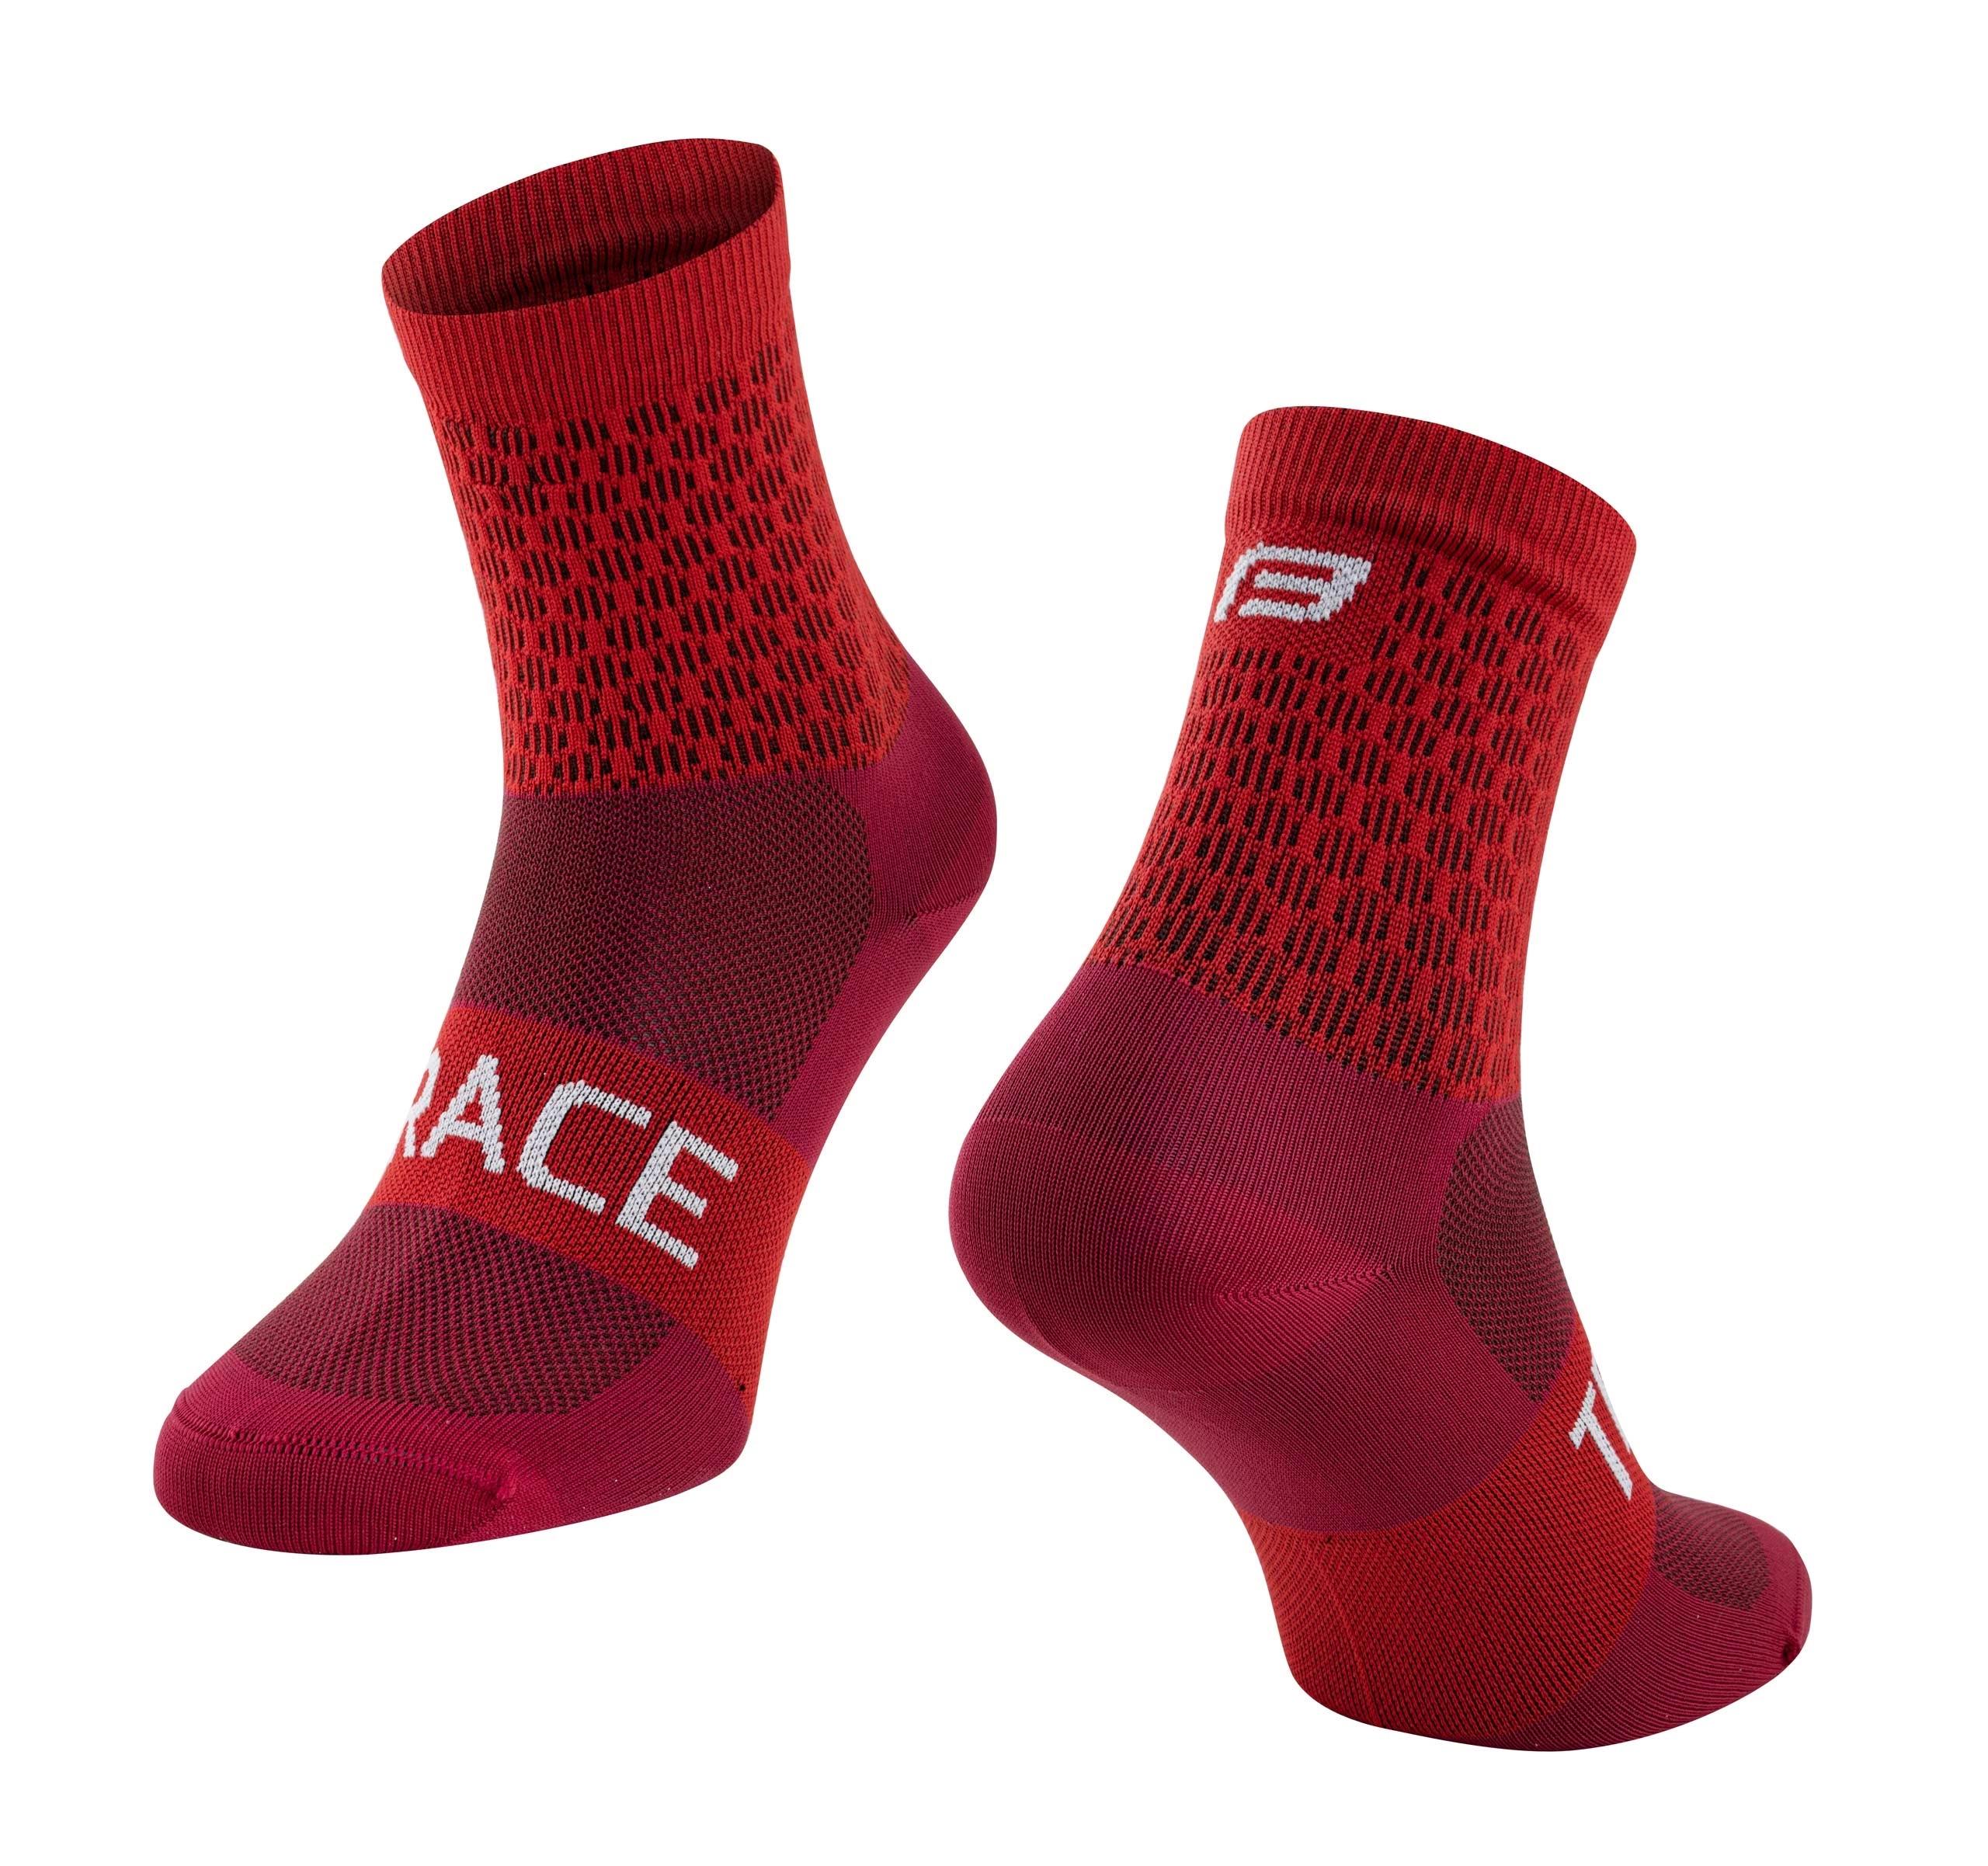 ponožky FORCE TRACE, červené S-M/36-41